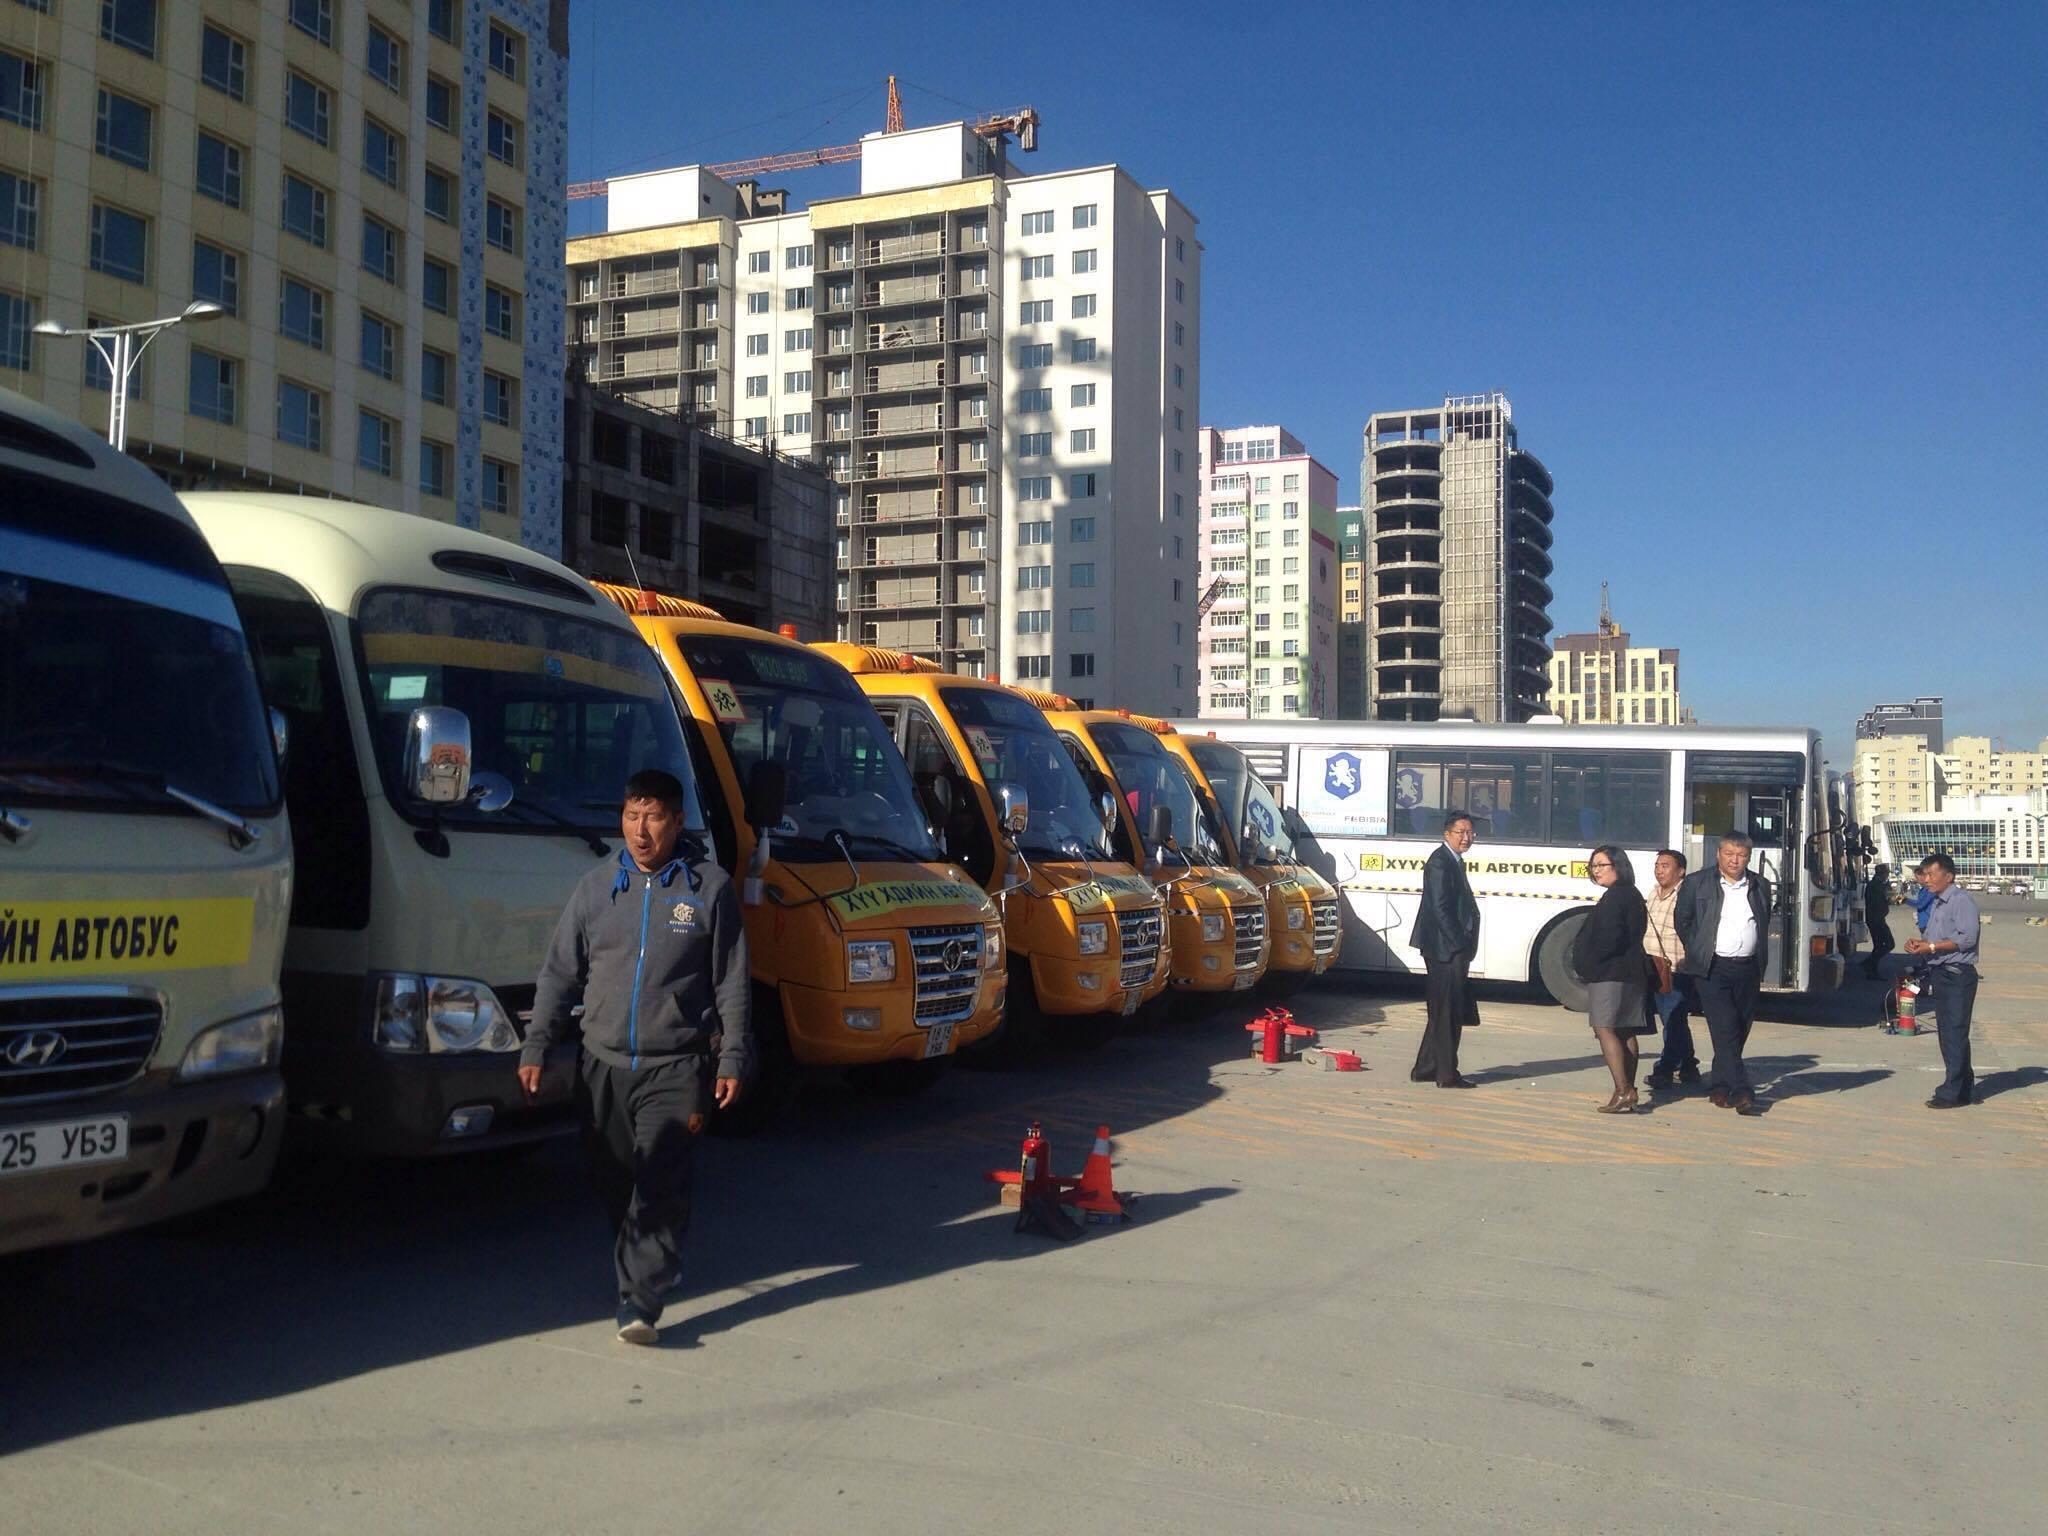 Хүүхдийн автобусуудыг шалгаж эхэллээ